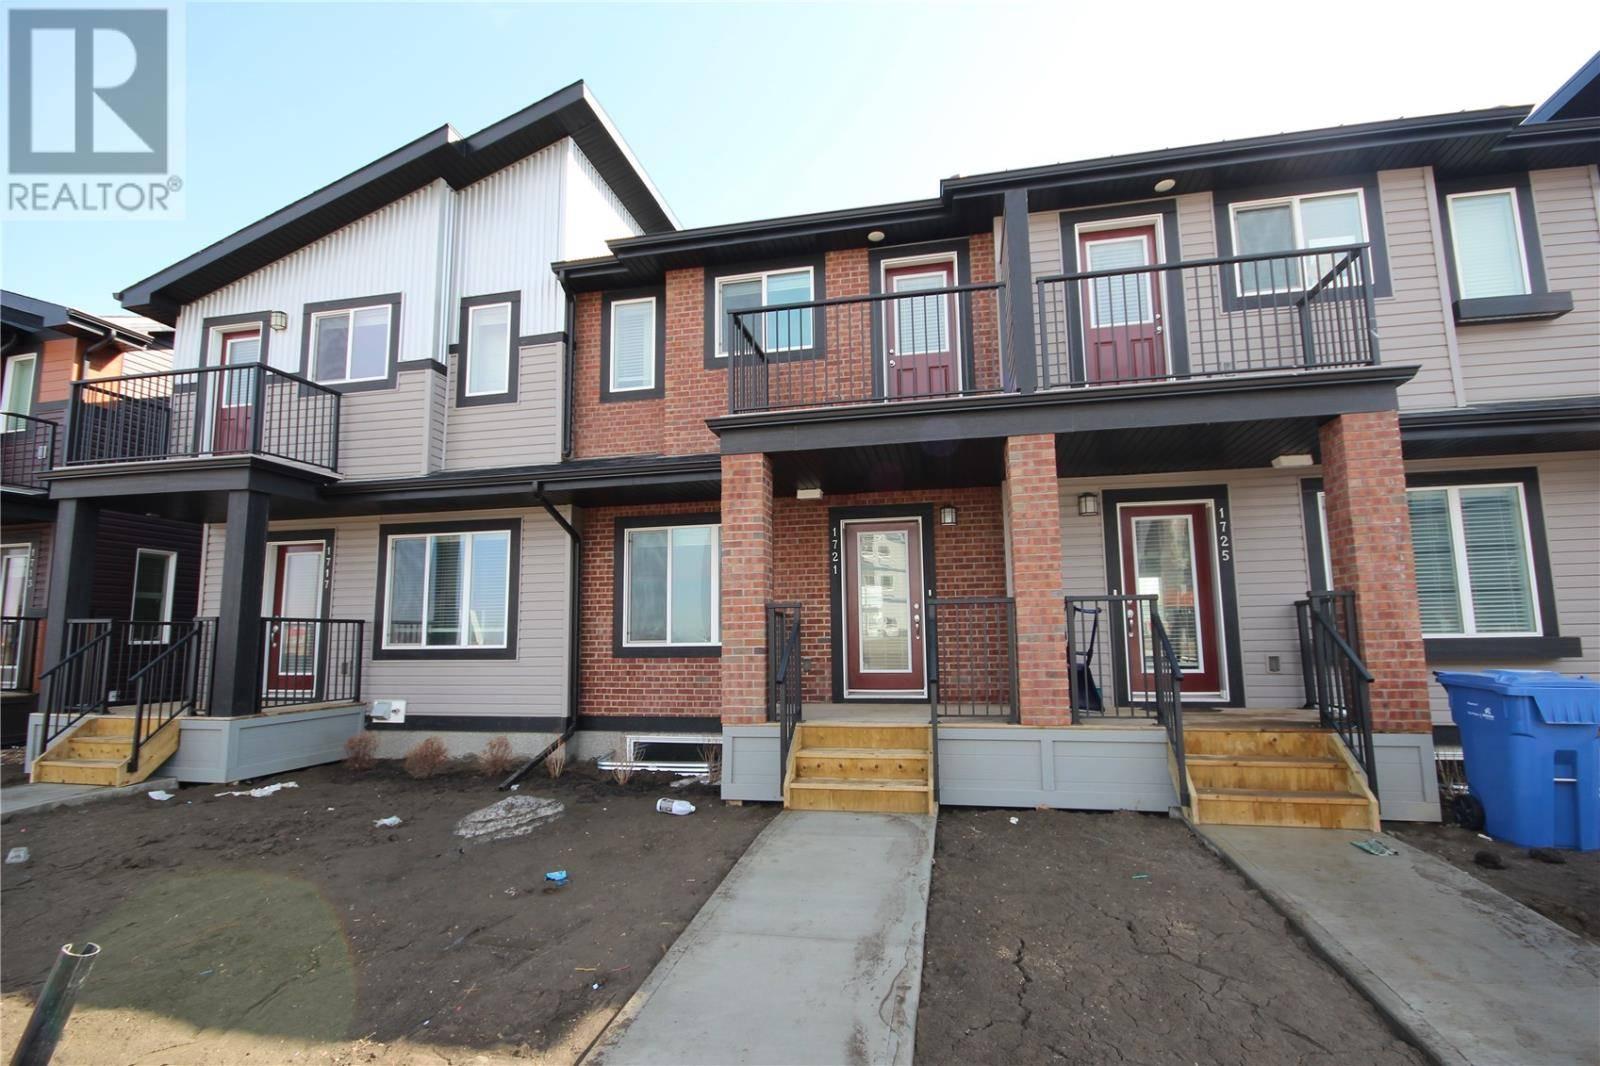 Townhouse for sale at 1721 Red Spring St Regina Saskatchewan - MLS: SK763605